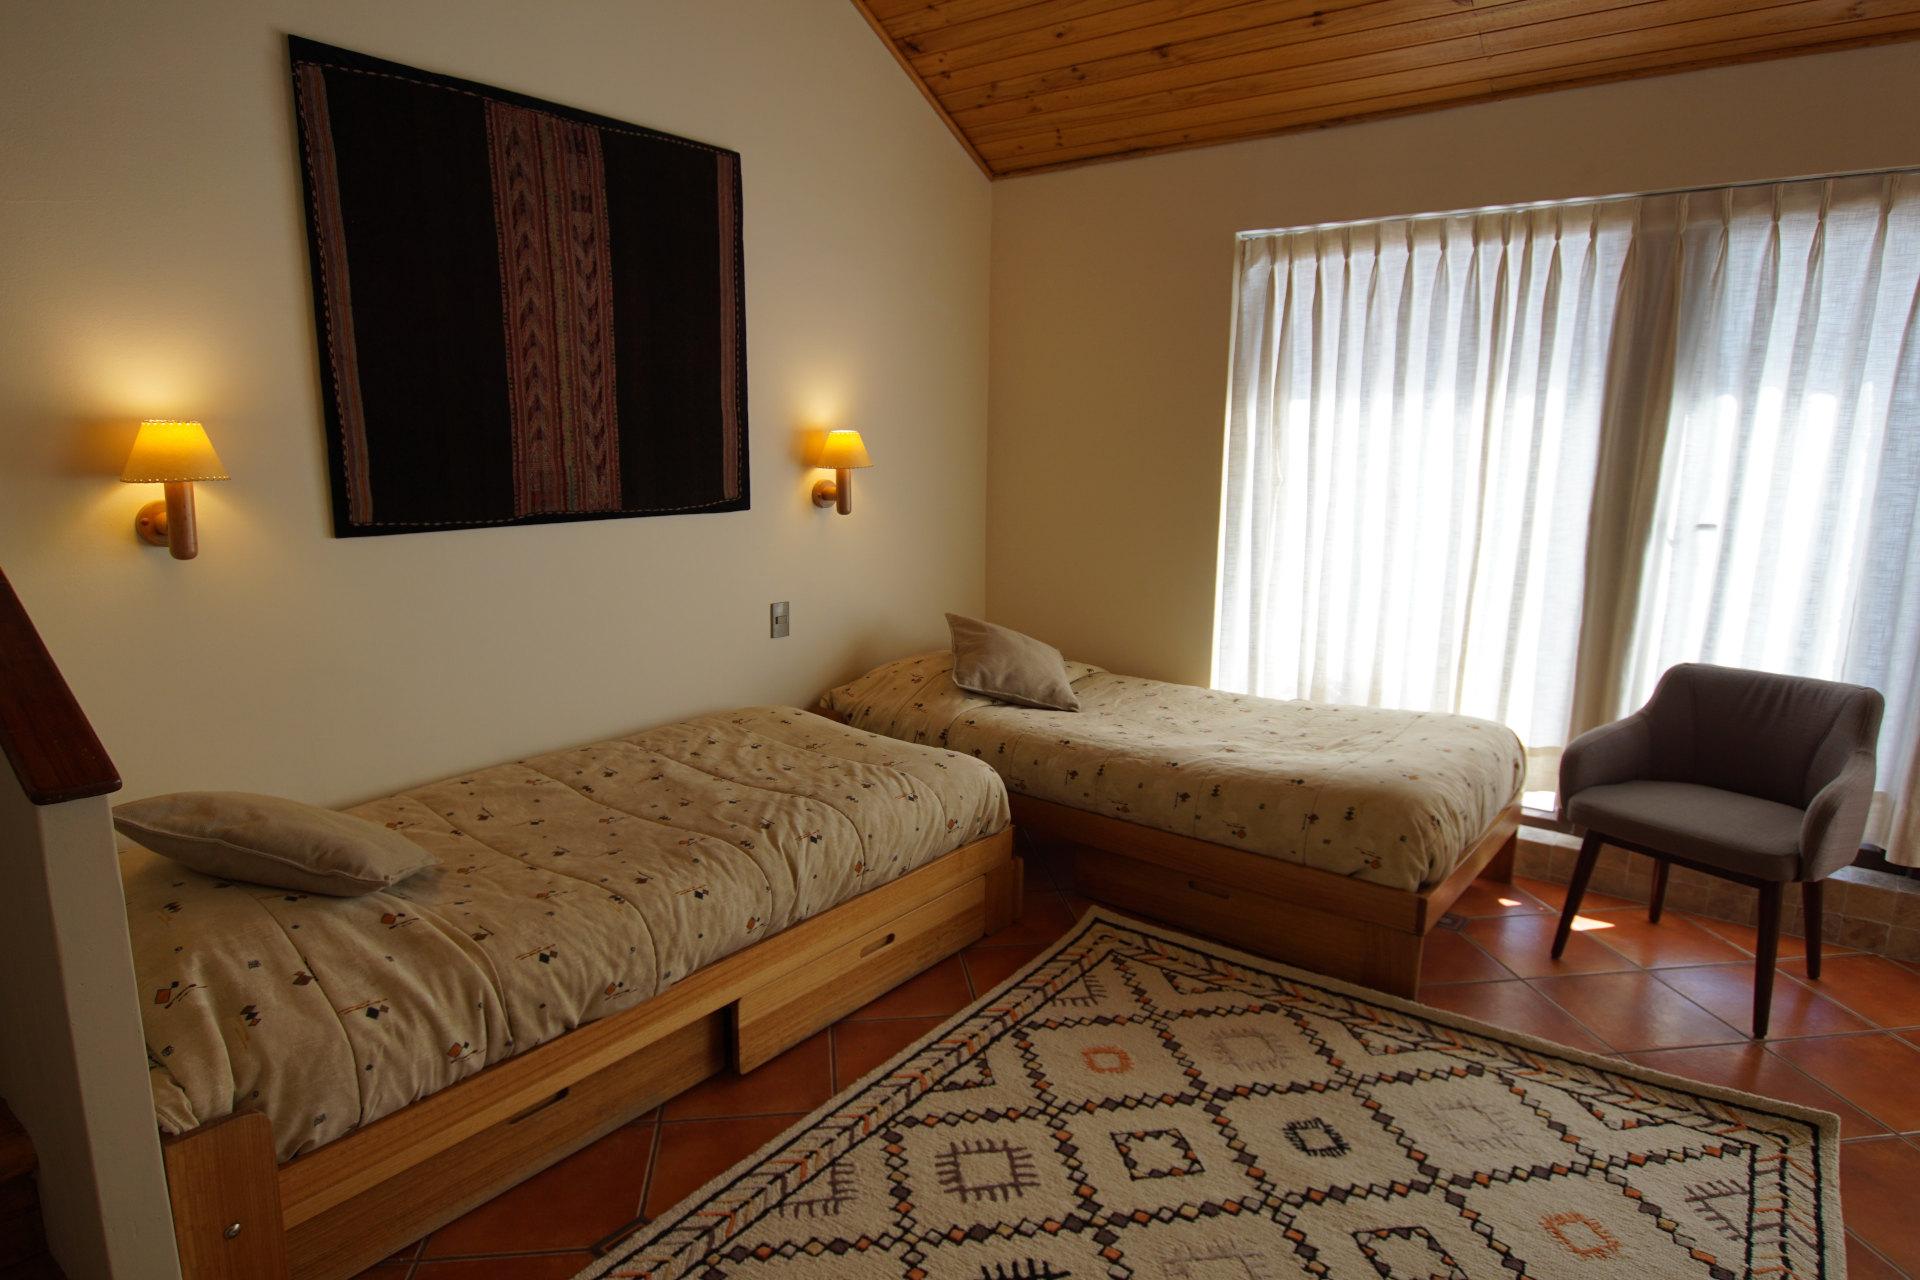 Sala con dos camas - Departamento Tipo B 222